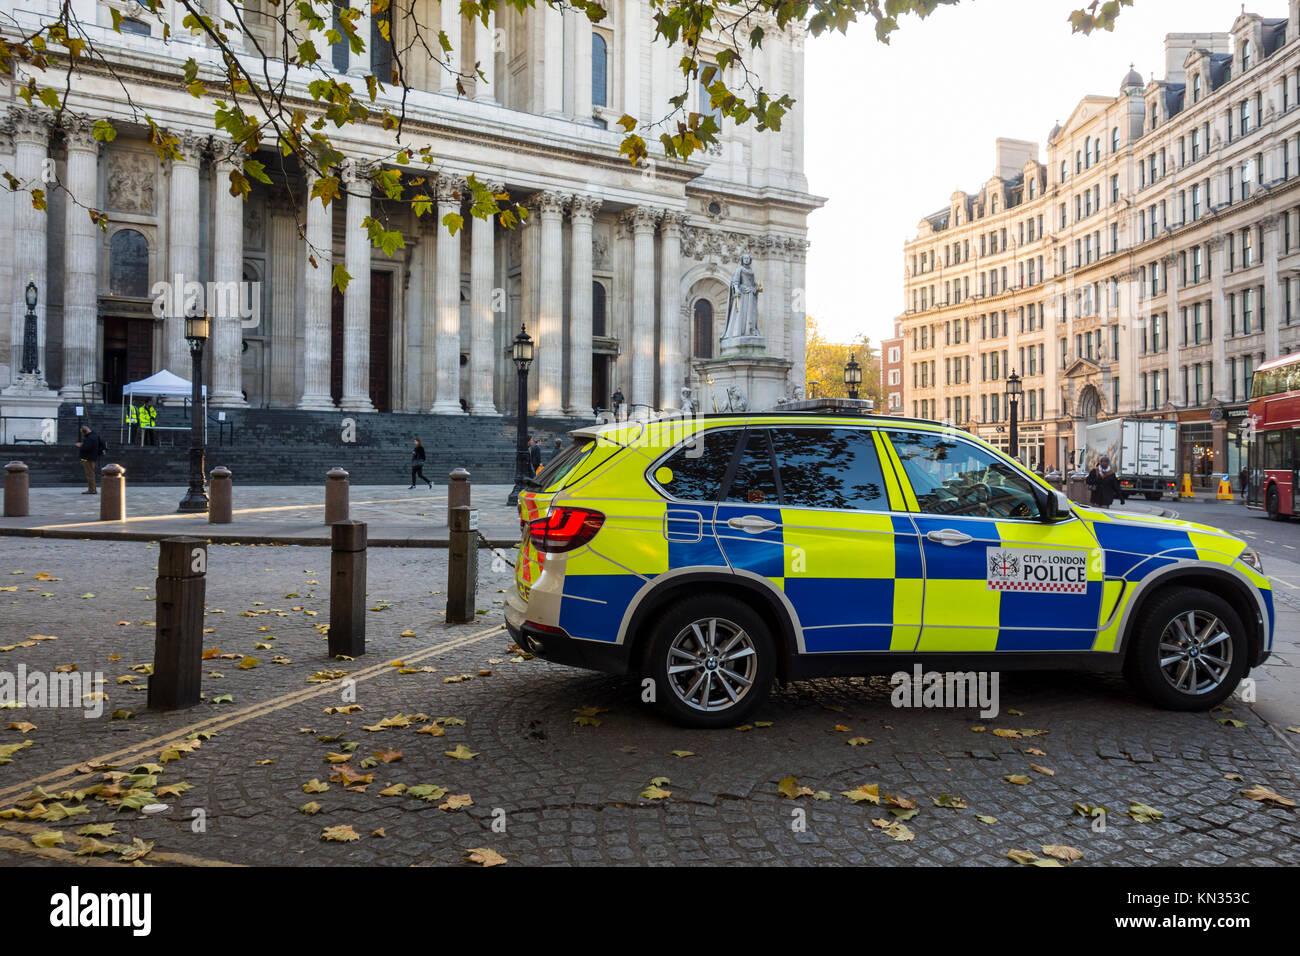 La policía de la ciudad de Londres vehículo aparcado en el cementerio de San Pablo, Londres, Reino Unido. Imagen De Stock